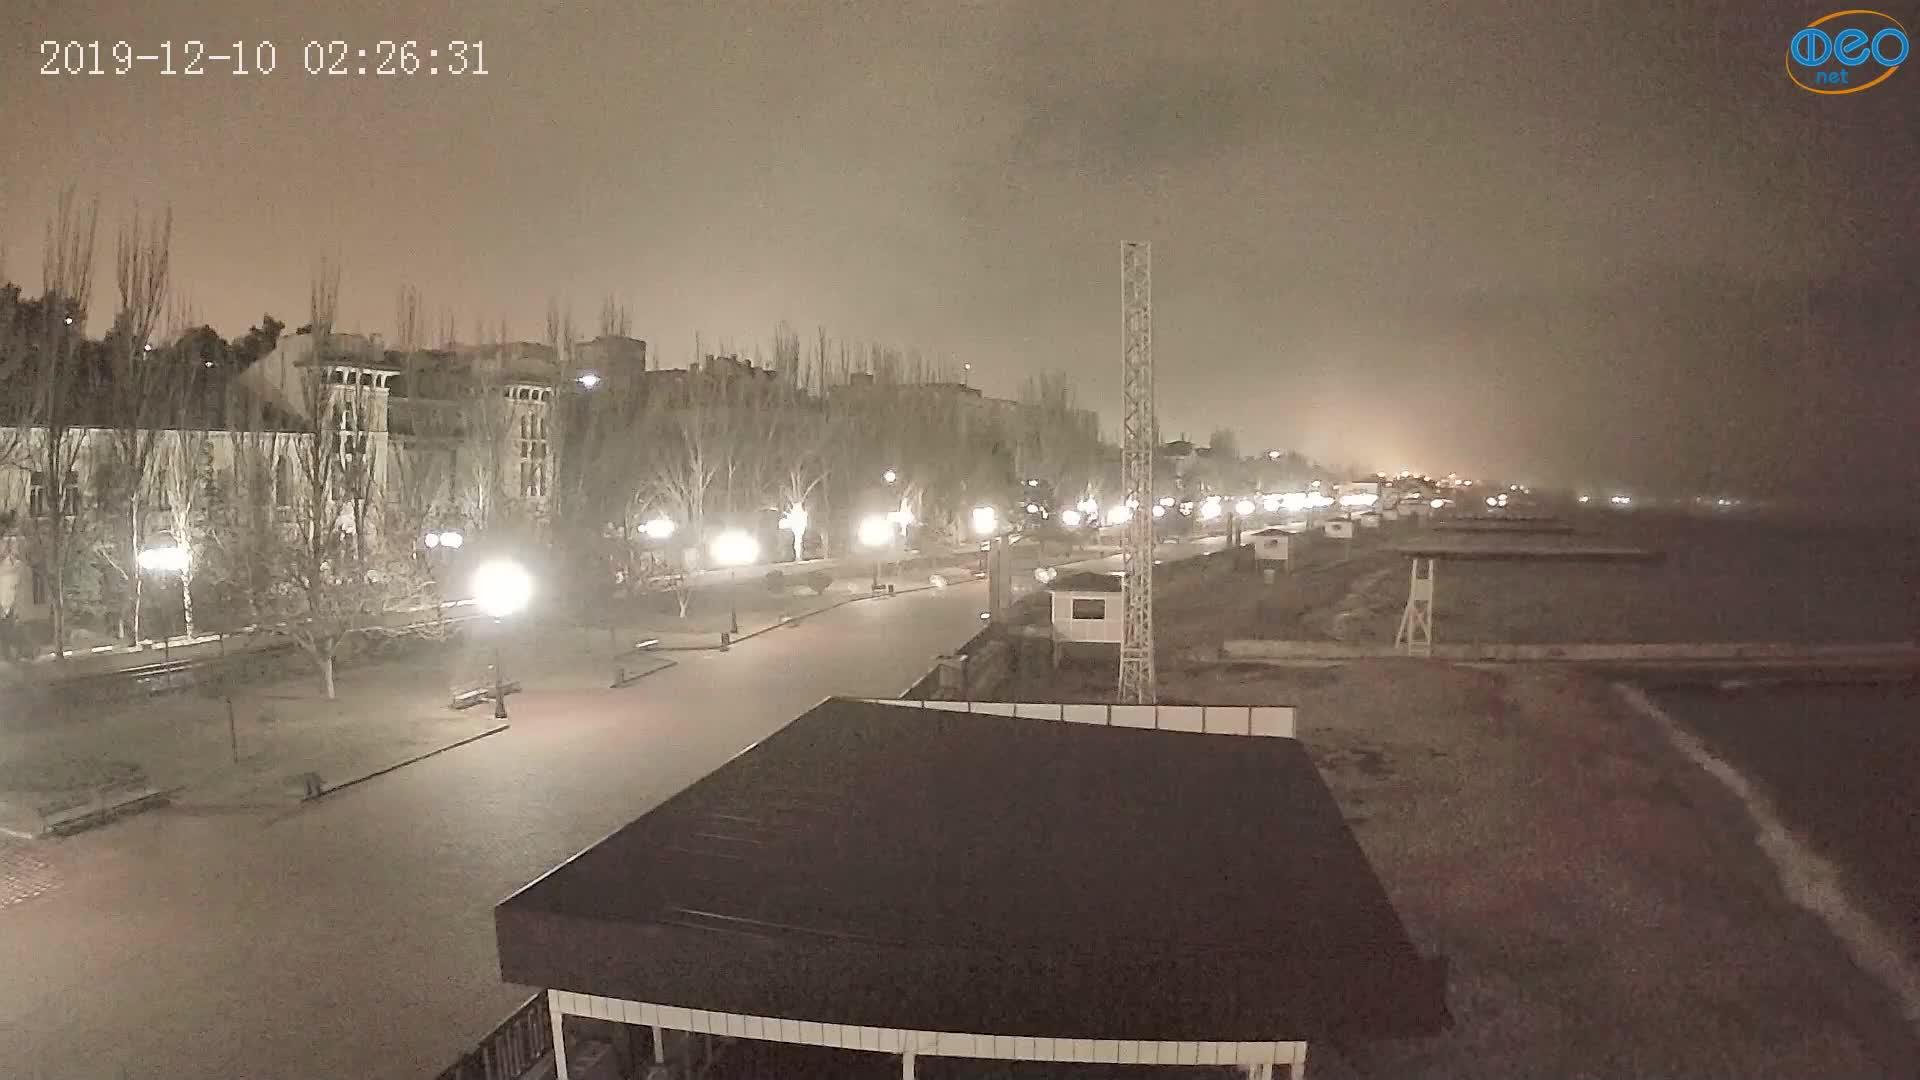 Веб-камеры Феодосии, Пляж Камешки, 2019-12-10 02:26:55